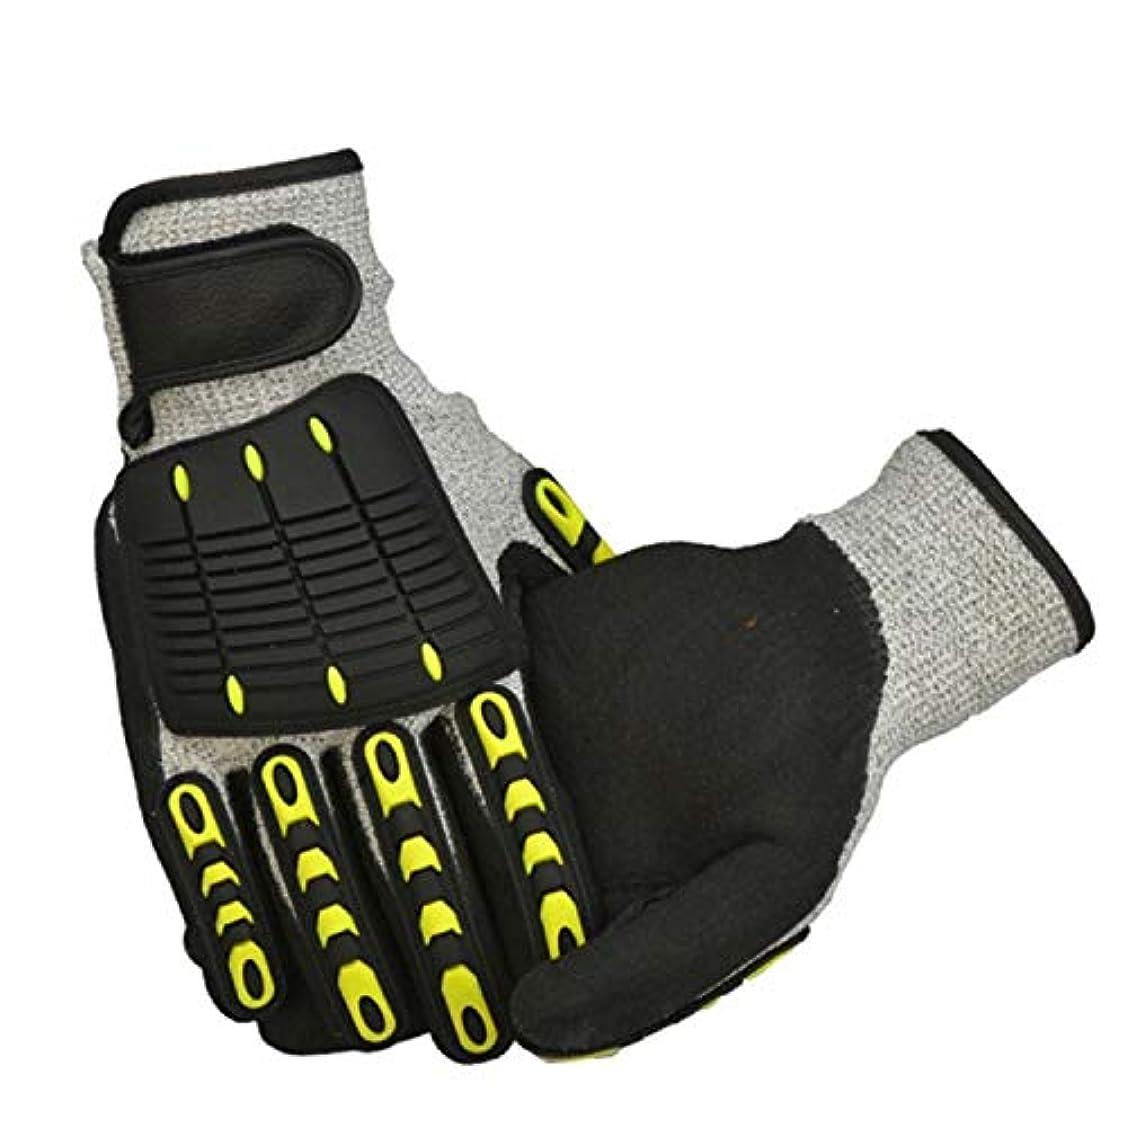 誰も誰も妻BAJIMI 手袋 グローブ レディース/メンズ ハンド ケア X-大、オリジナルオイル&ガスの安全性への影響手袋 裏起毛 おしゃれ 手触りが良い 運転 耐磨耗性 換気性